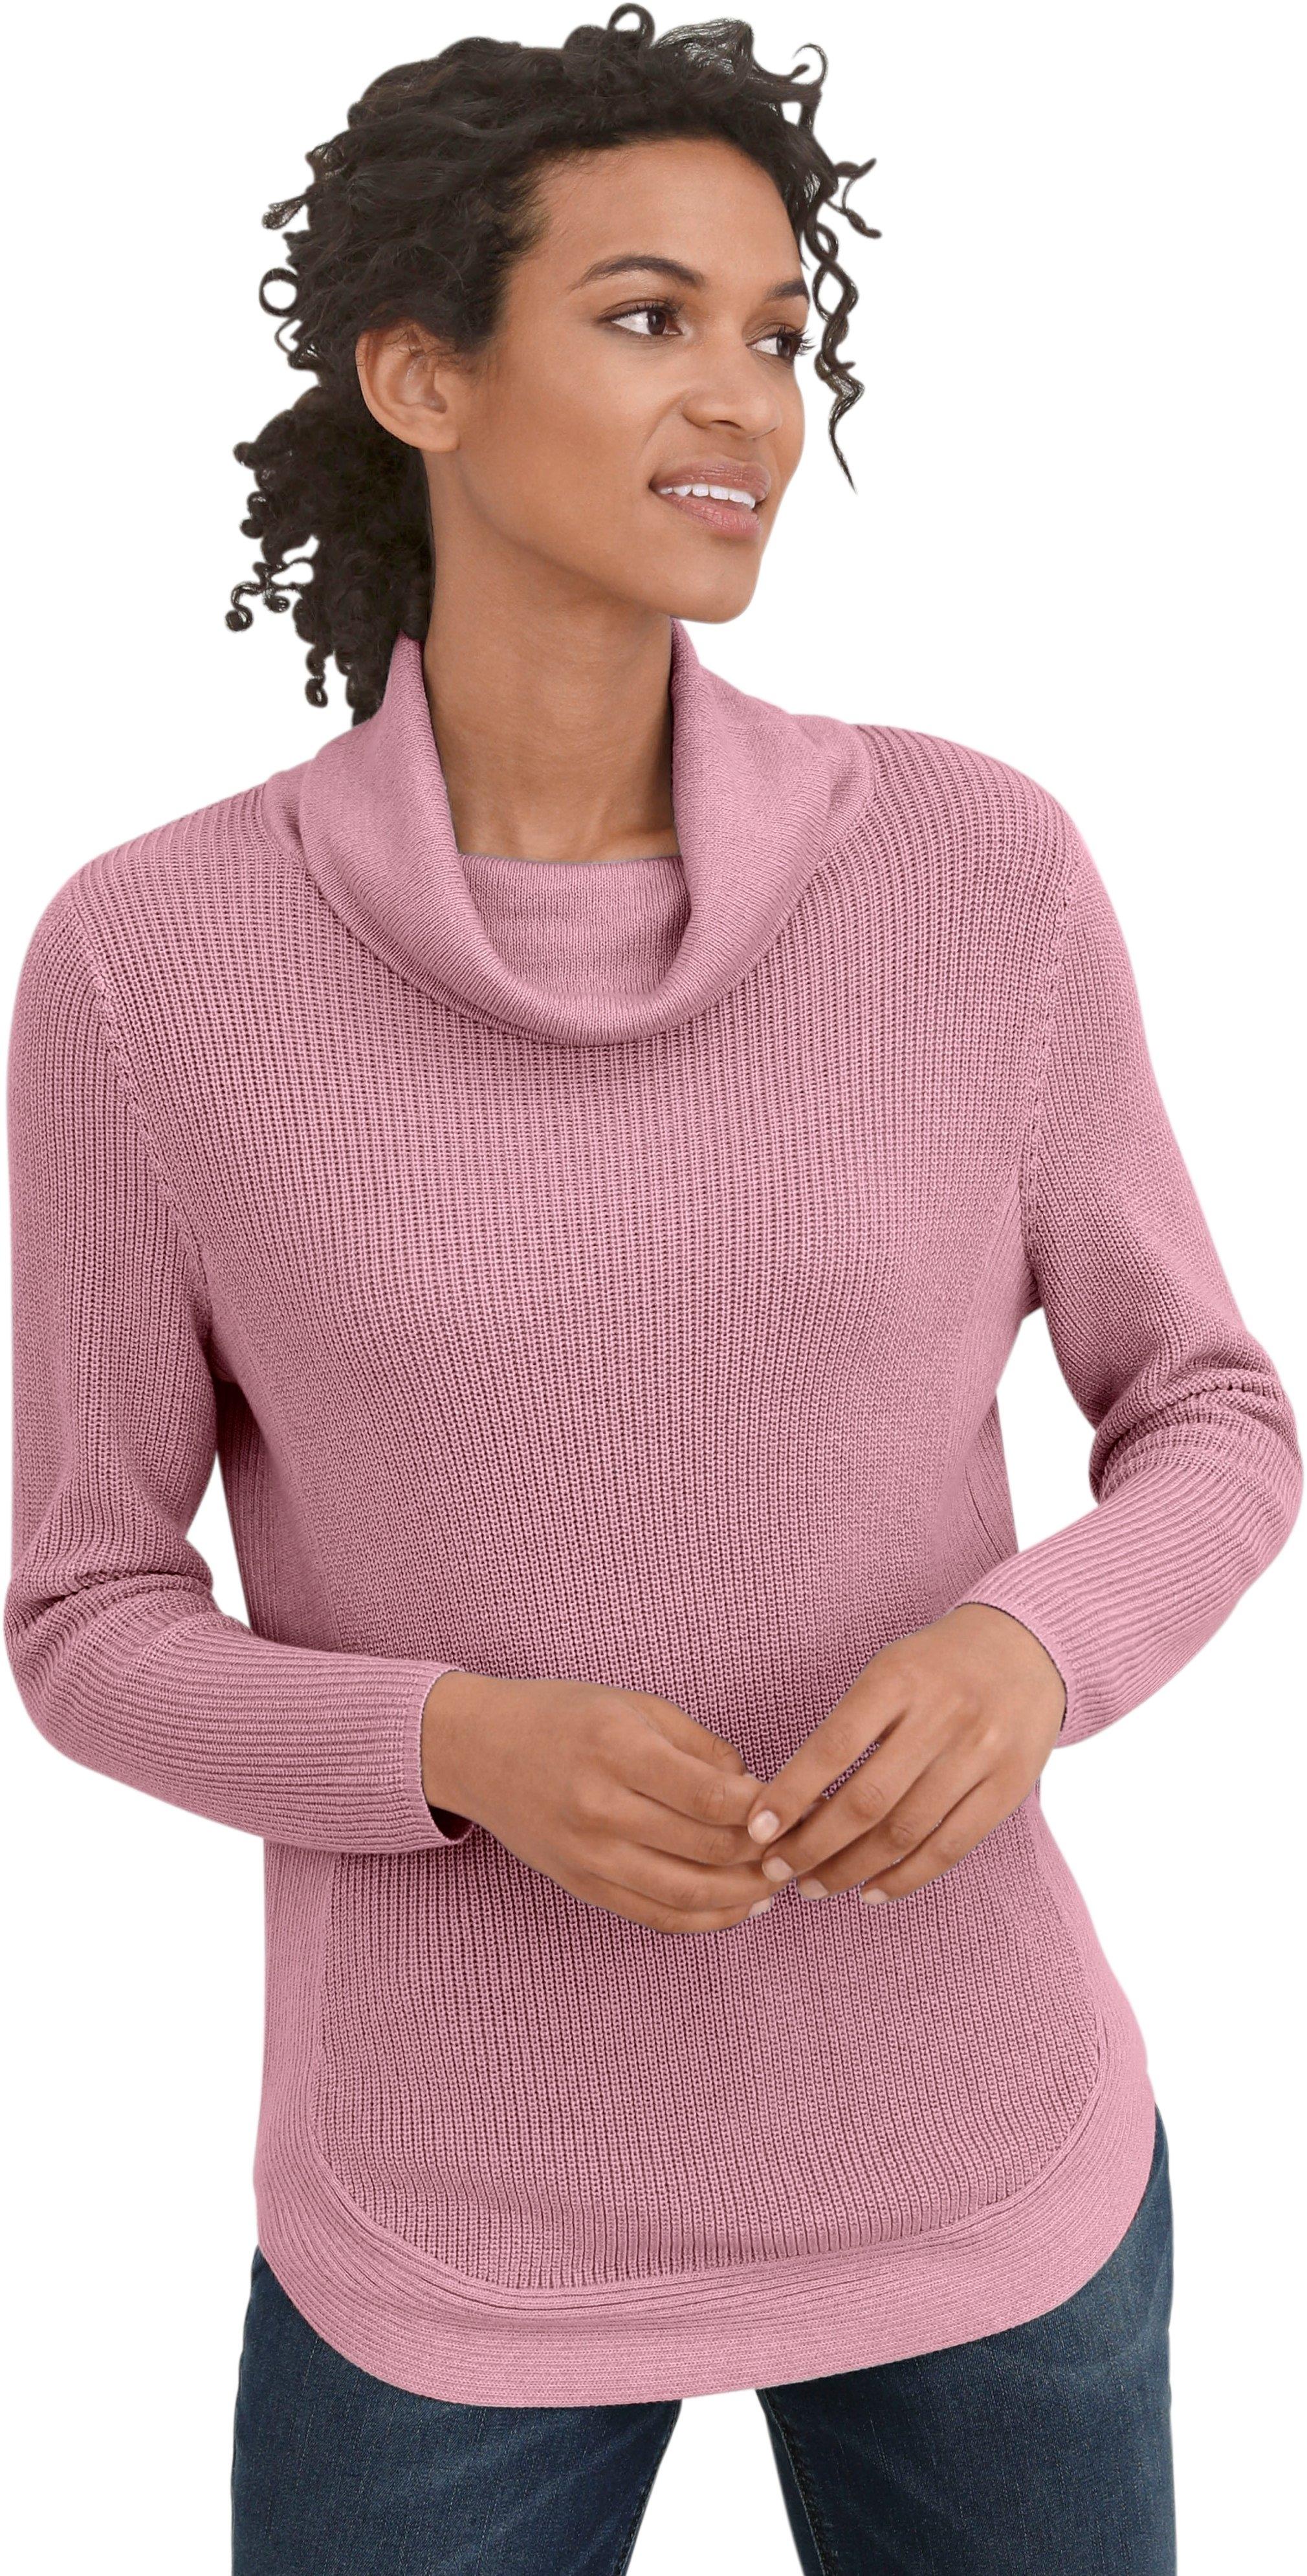 Casual Looks trui met mooi breimotief voordelig en veilig online kopen